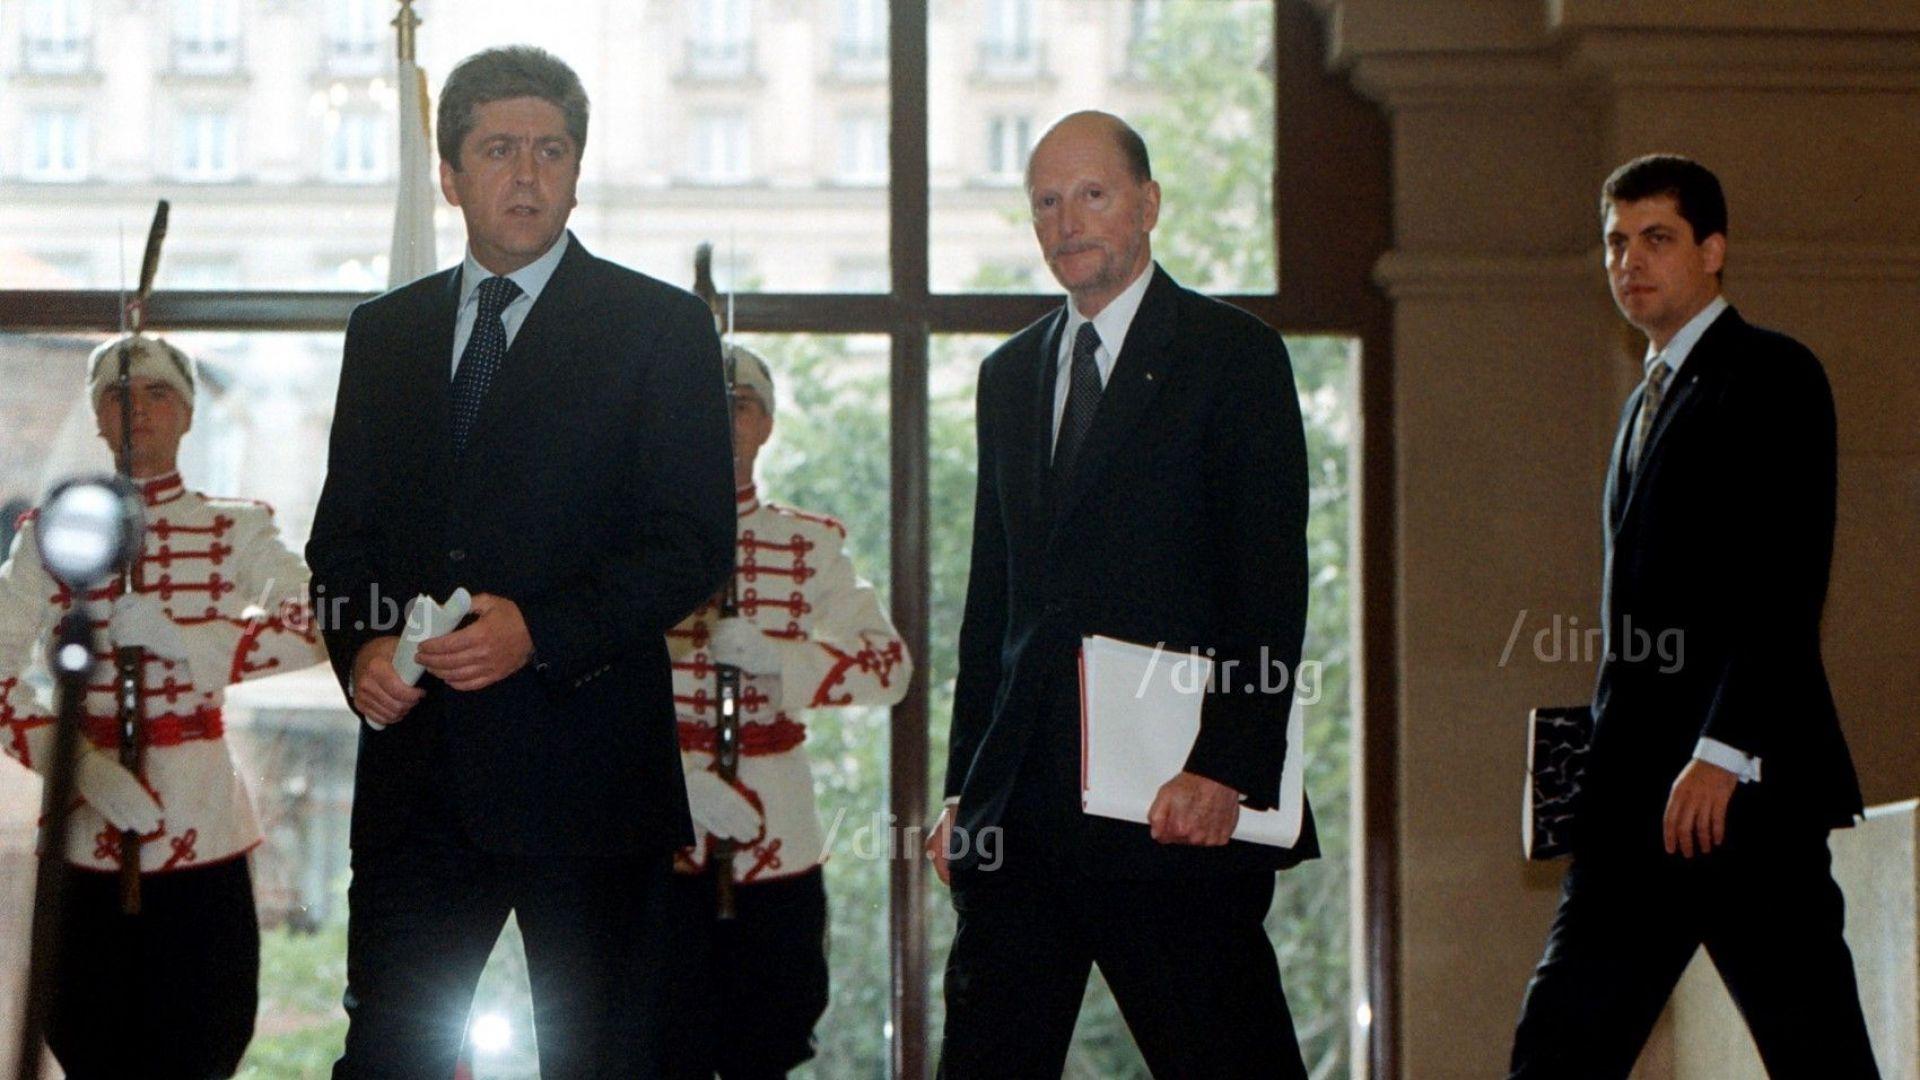 Консултативен съвет при президента 16 юли 2004 година